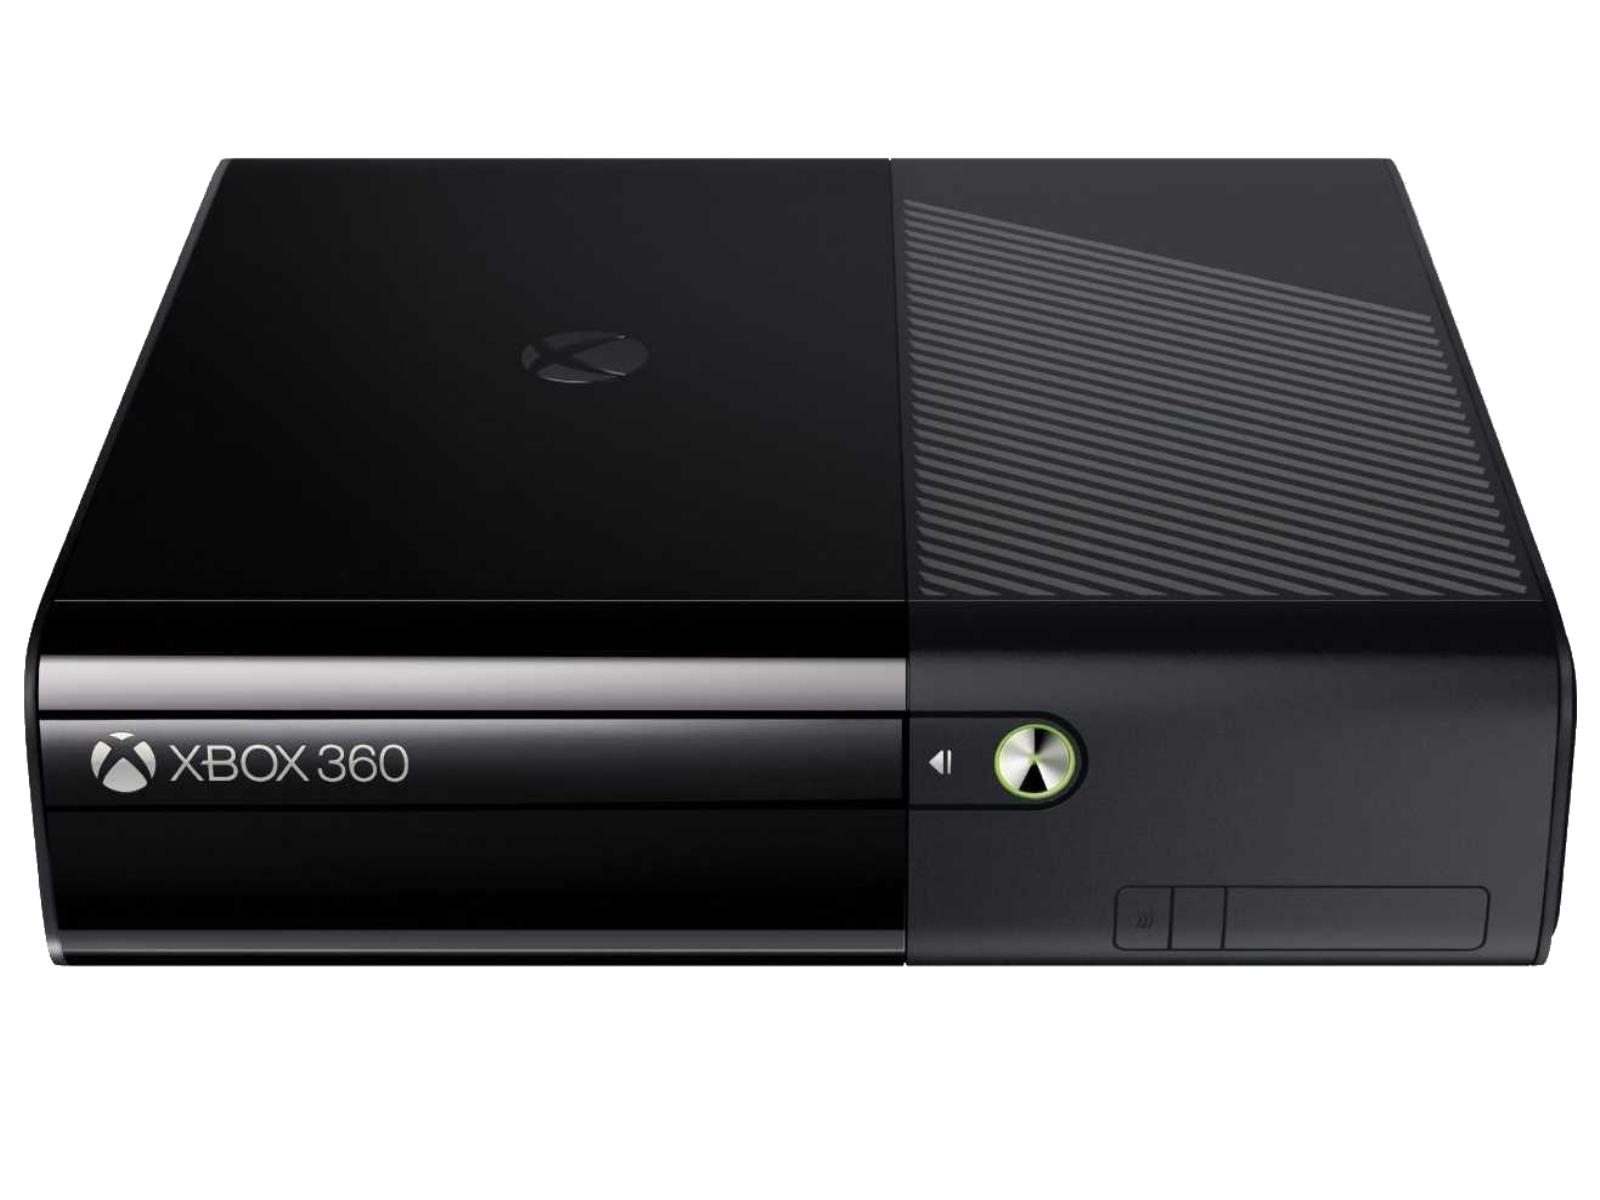 Duda HDD En Xbox 360 E Taringa